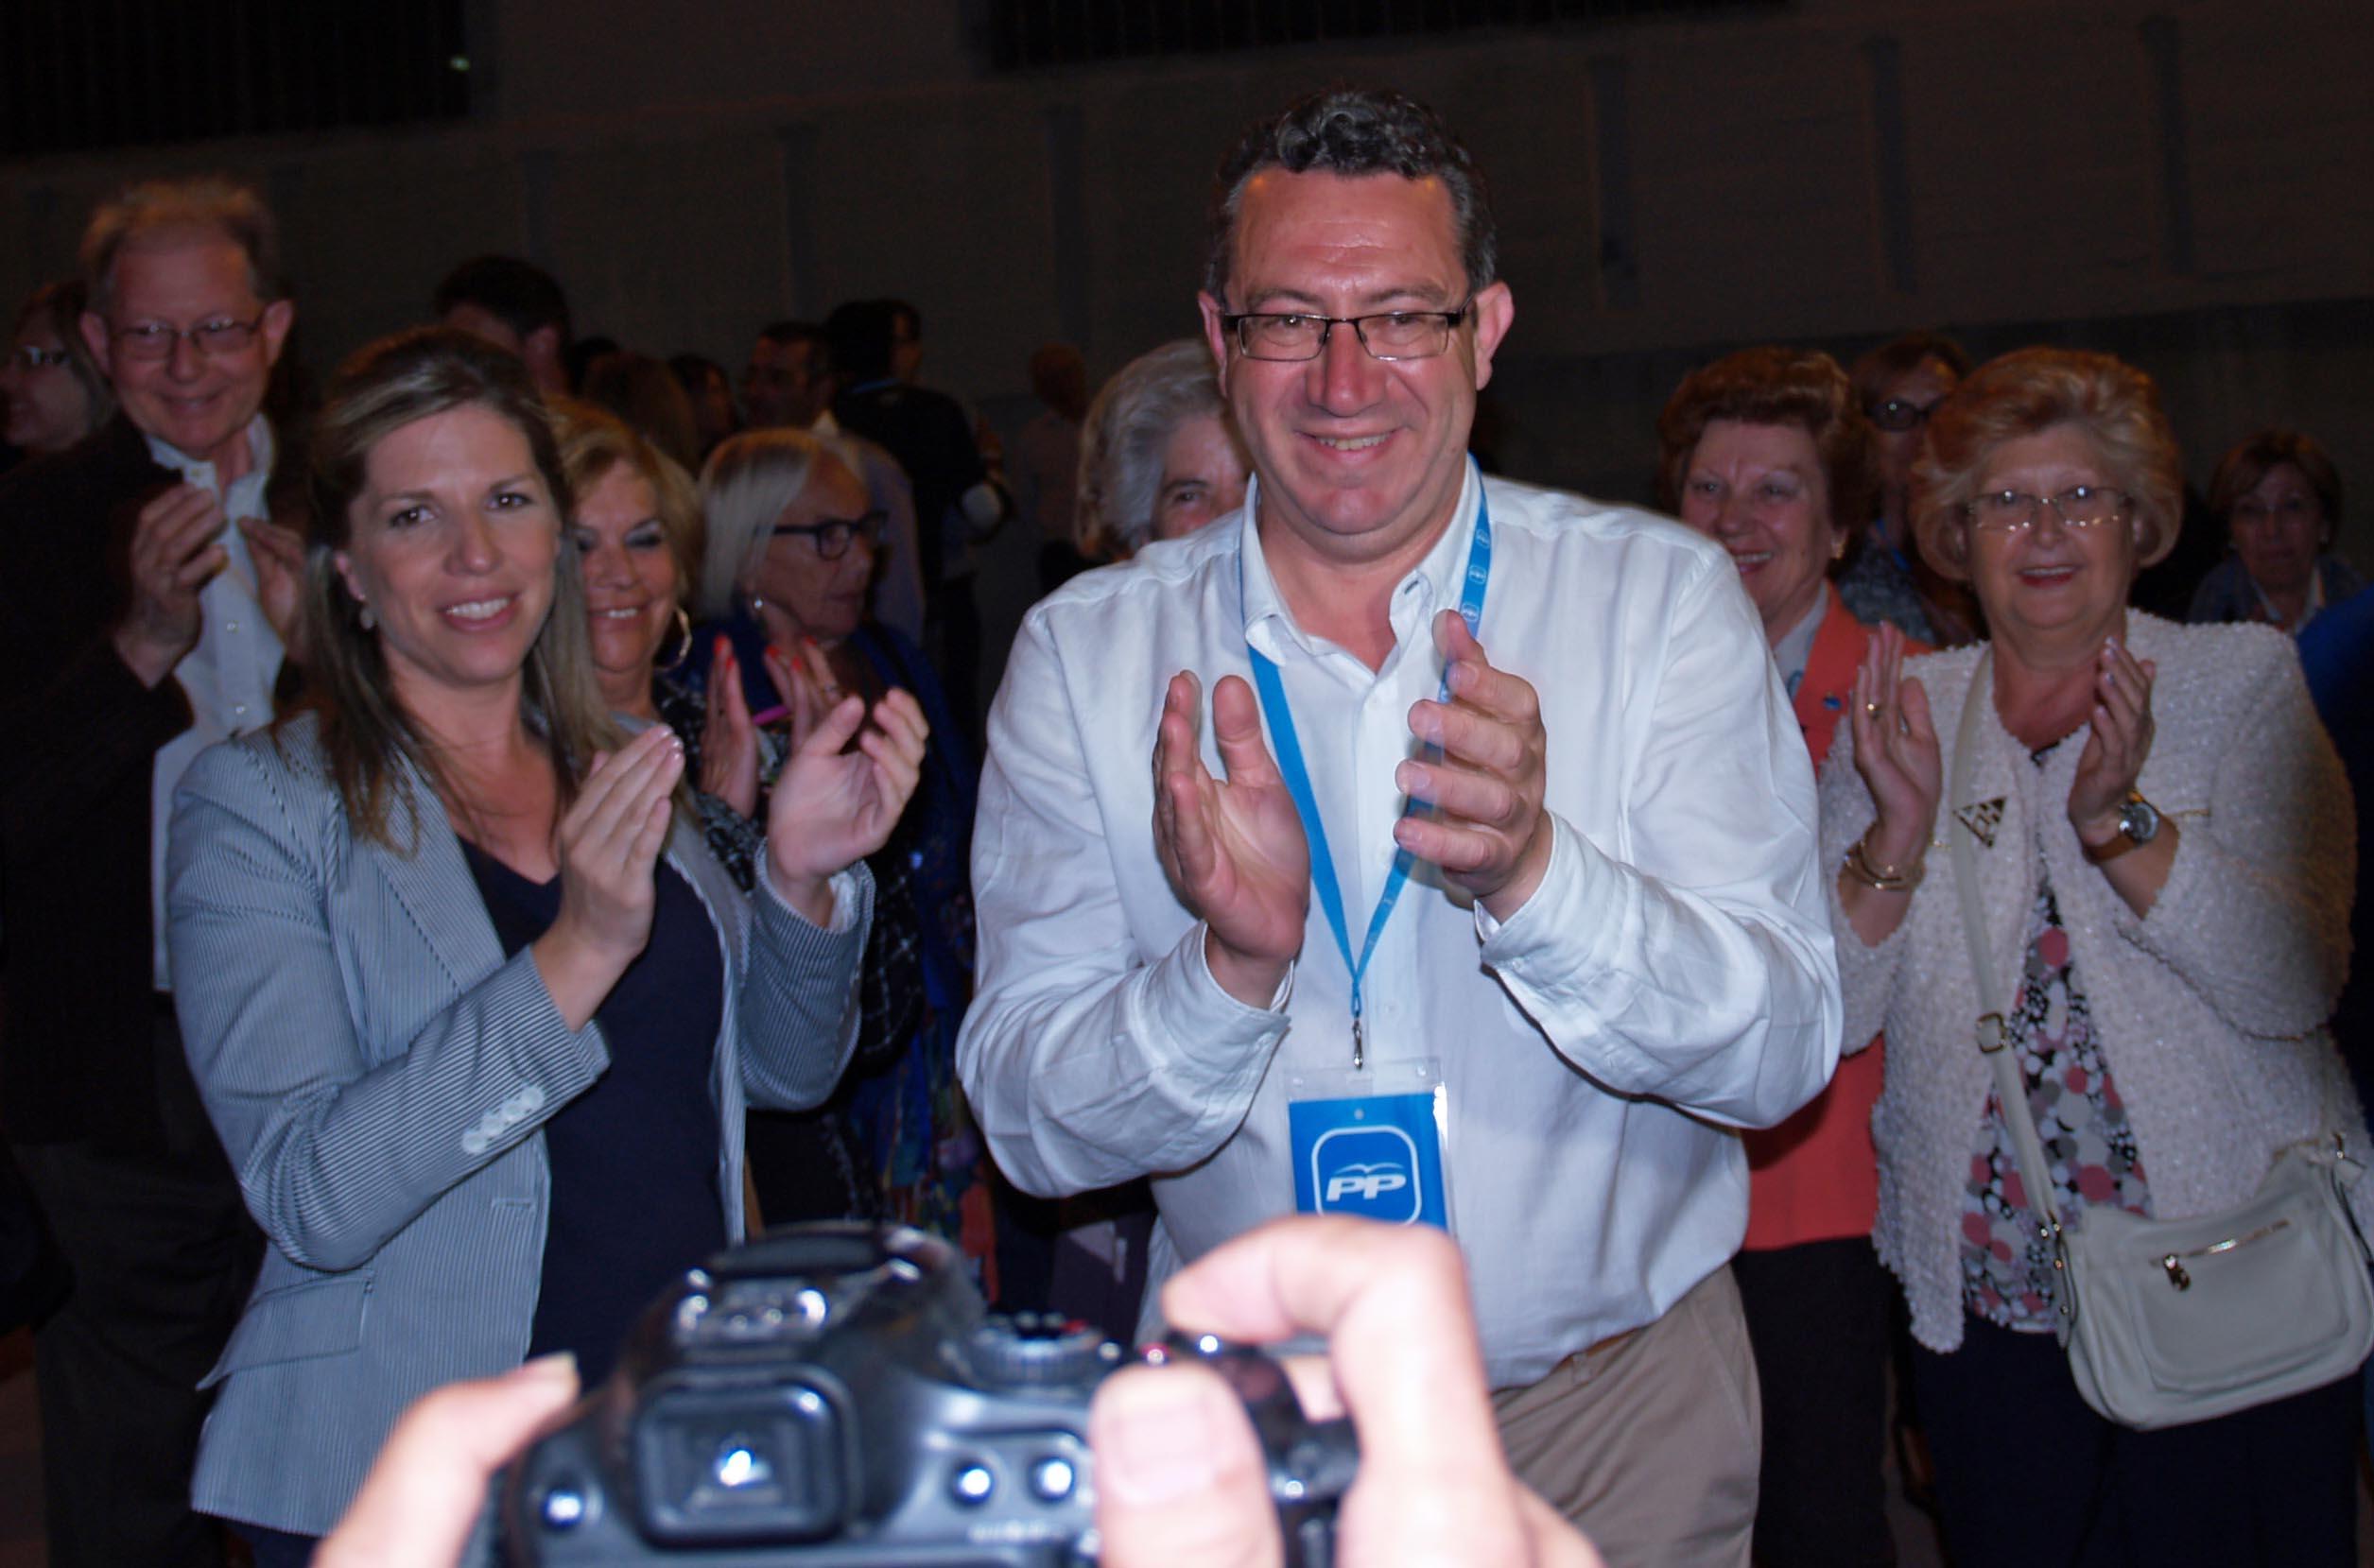 El PP gana con 8 concejales en Benidorm, que tendrá seis grupos políticos y múltiples opciones de pactos